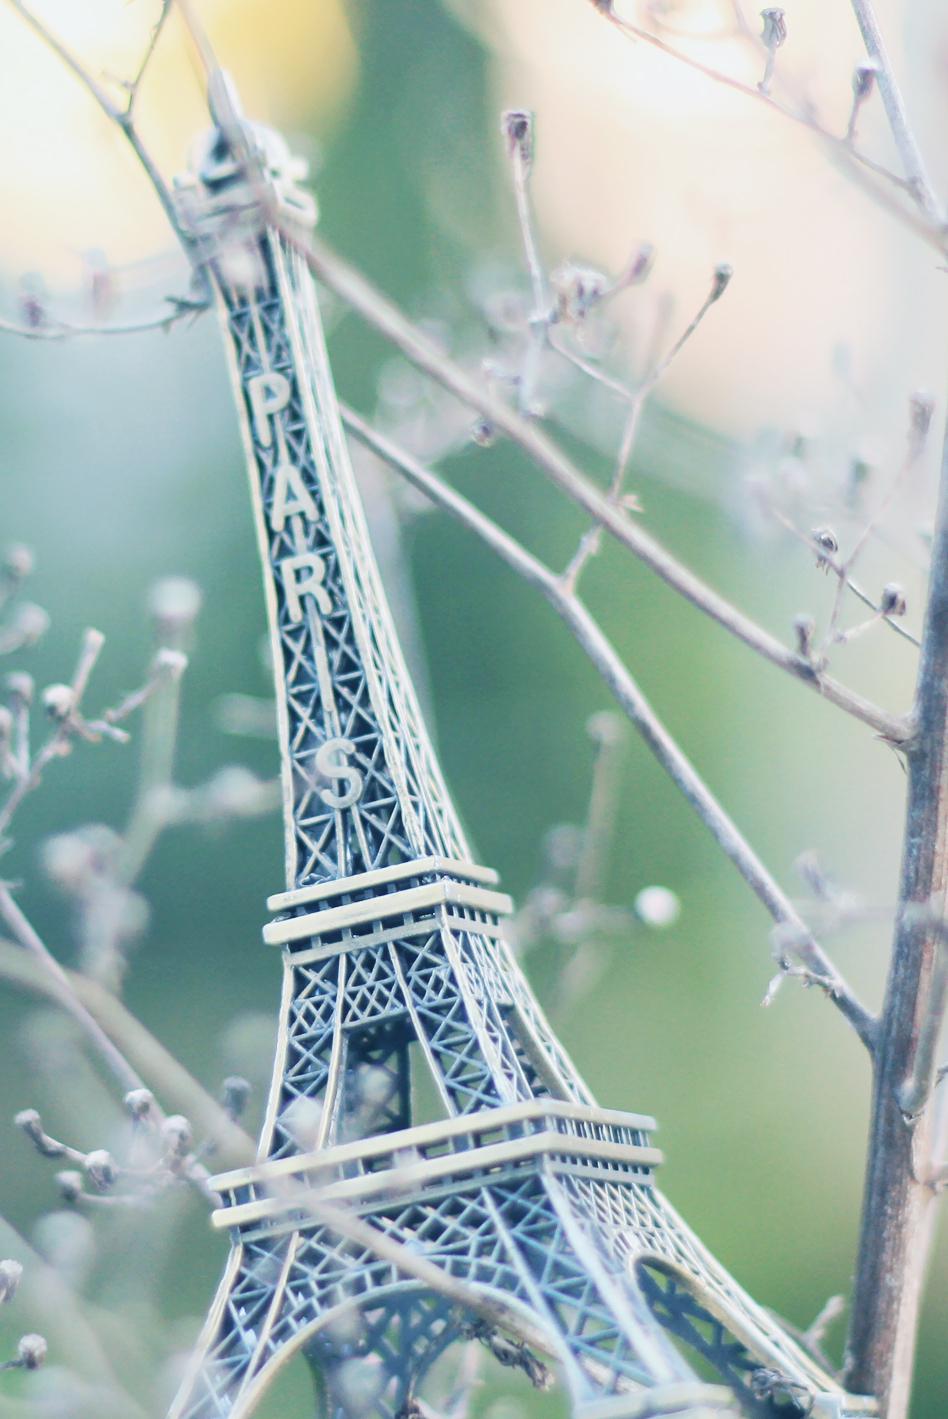 Скачать бесплатно картинку на телефон Объекты, Эйфелева башня.